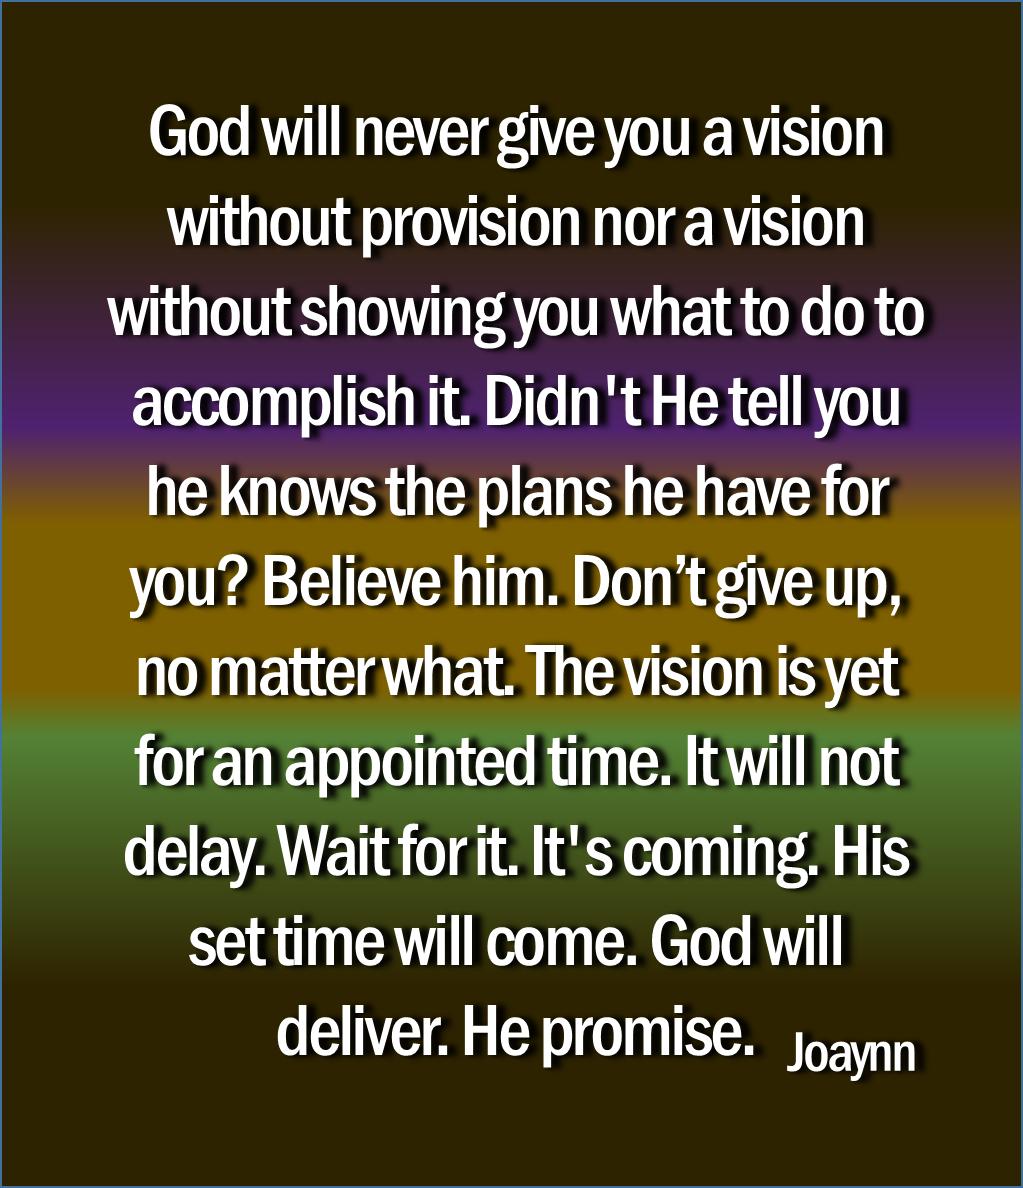 God Will Deliver Joaynn